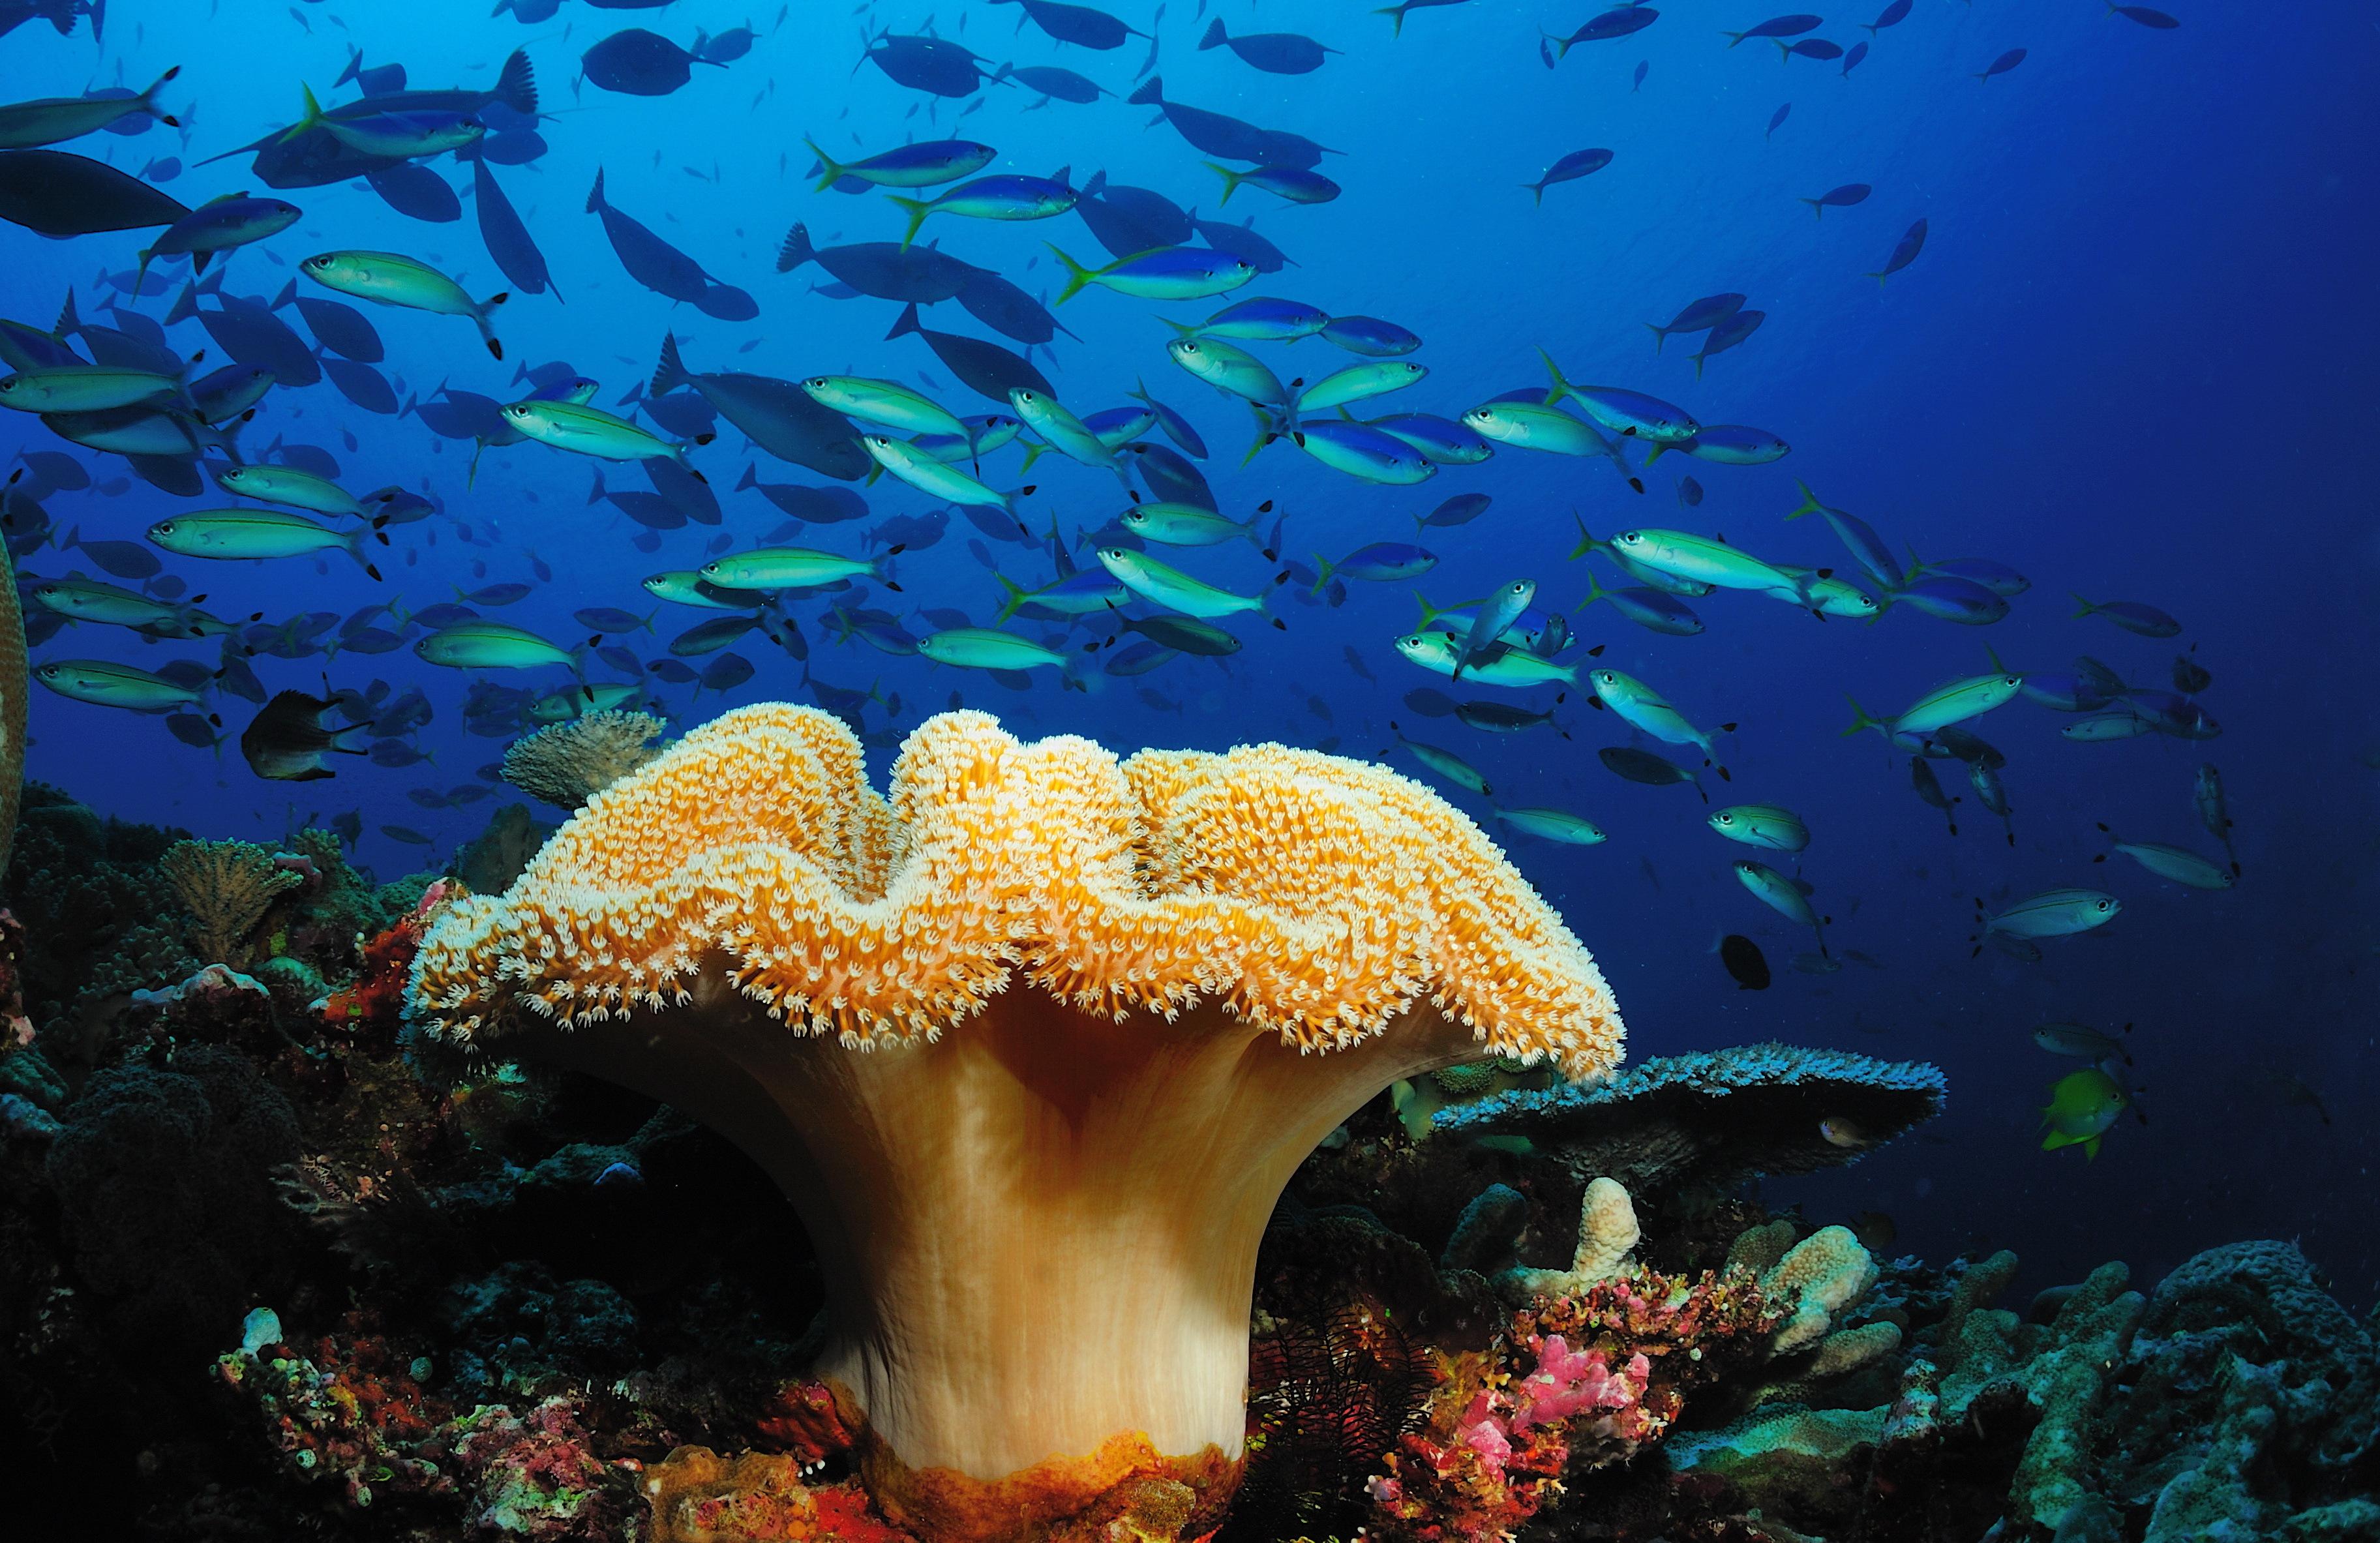 Картинка: Рыбы, косяк, кораллы, морской гриб